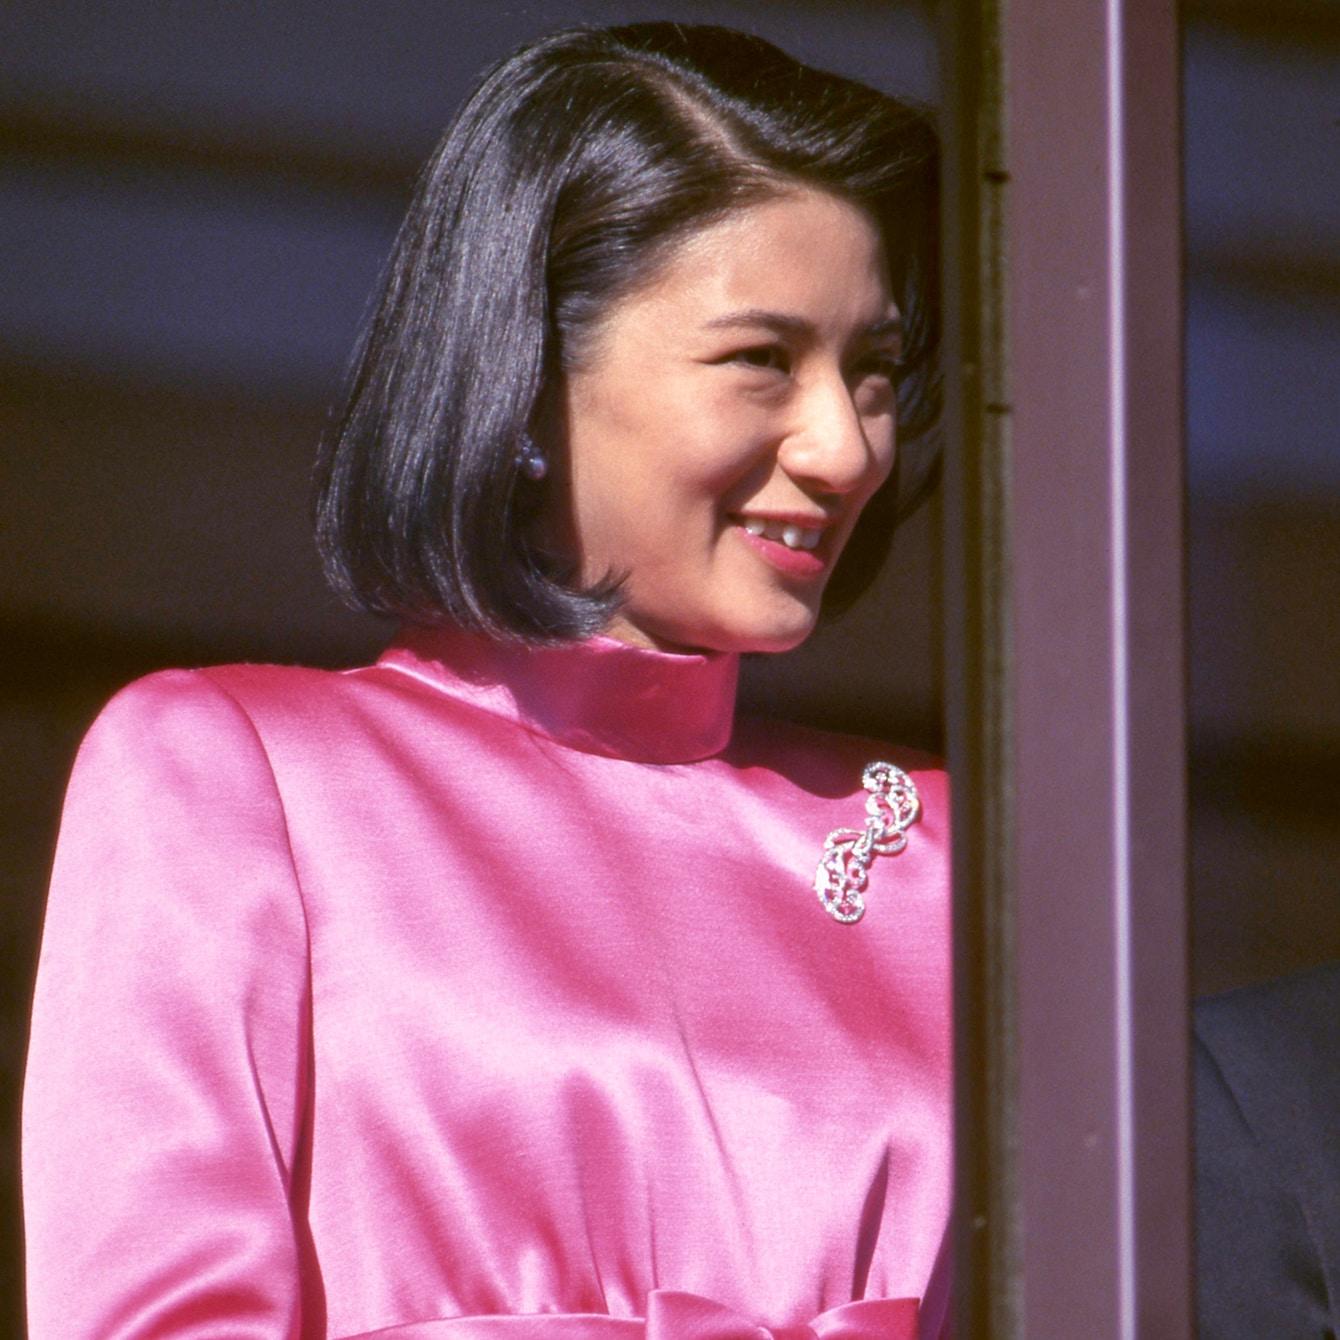 【雅子さまファッション】色鮮やかで華麗なロイヤルスタイル3選